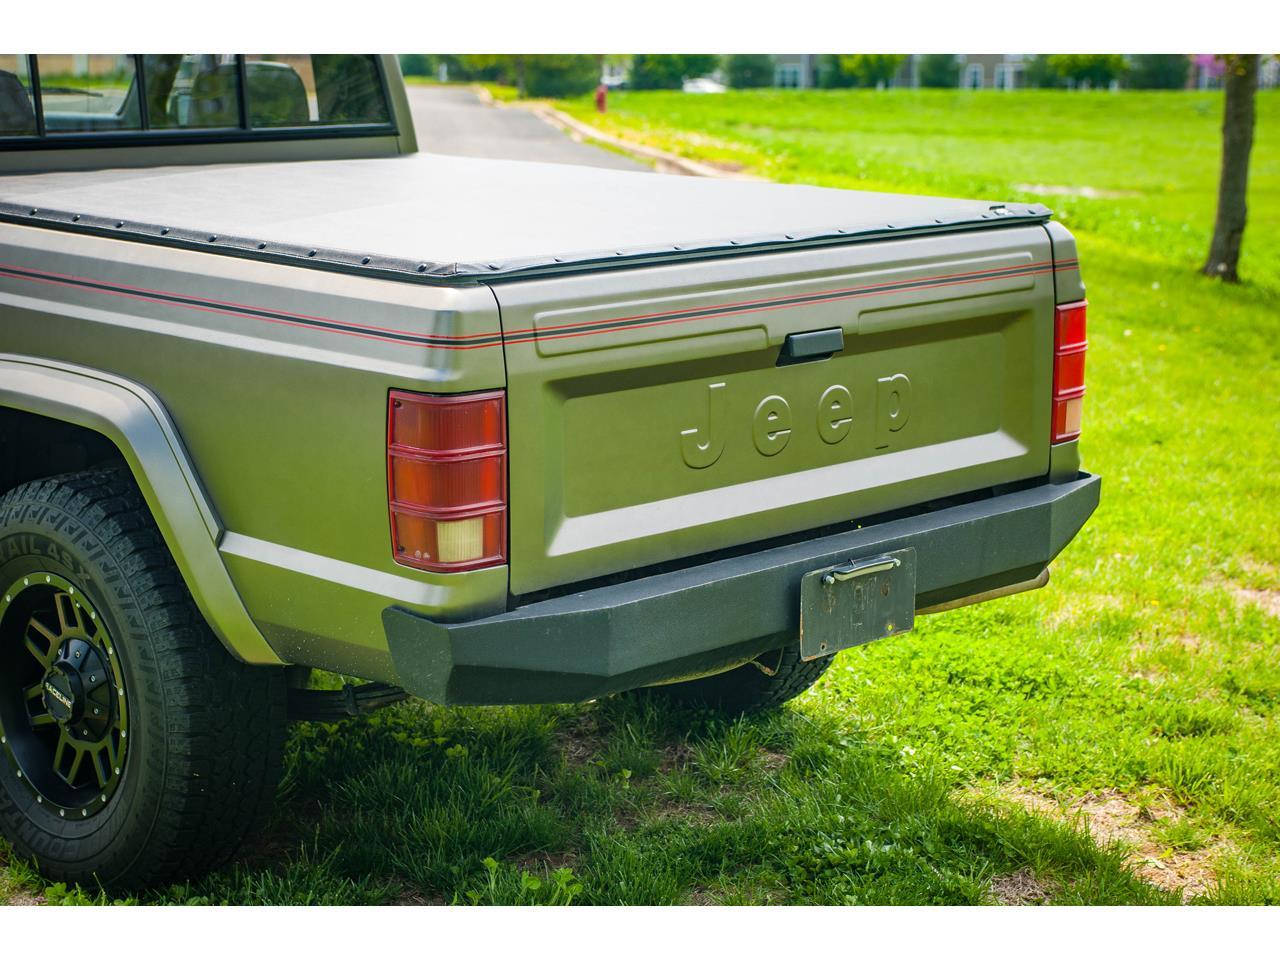 Large Picture of 1990 Comanche located in O'Fallon Illinois - $16,500.00 - QB8P